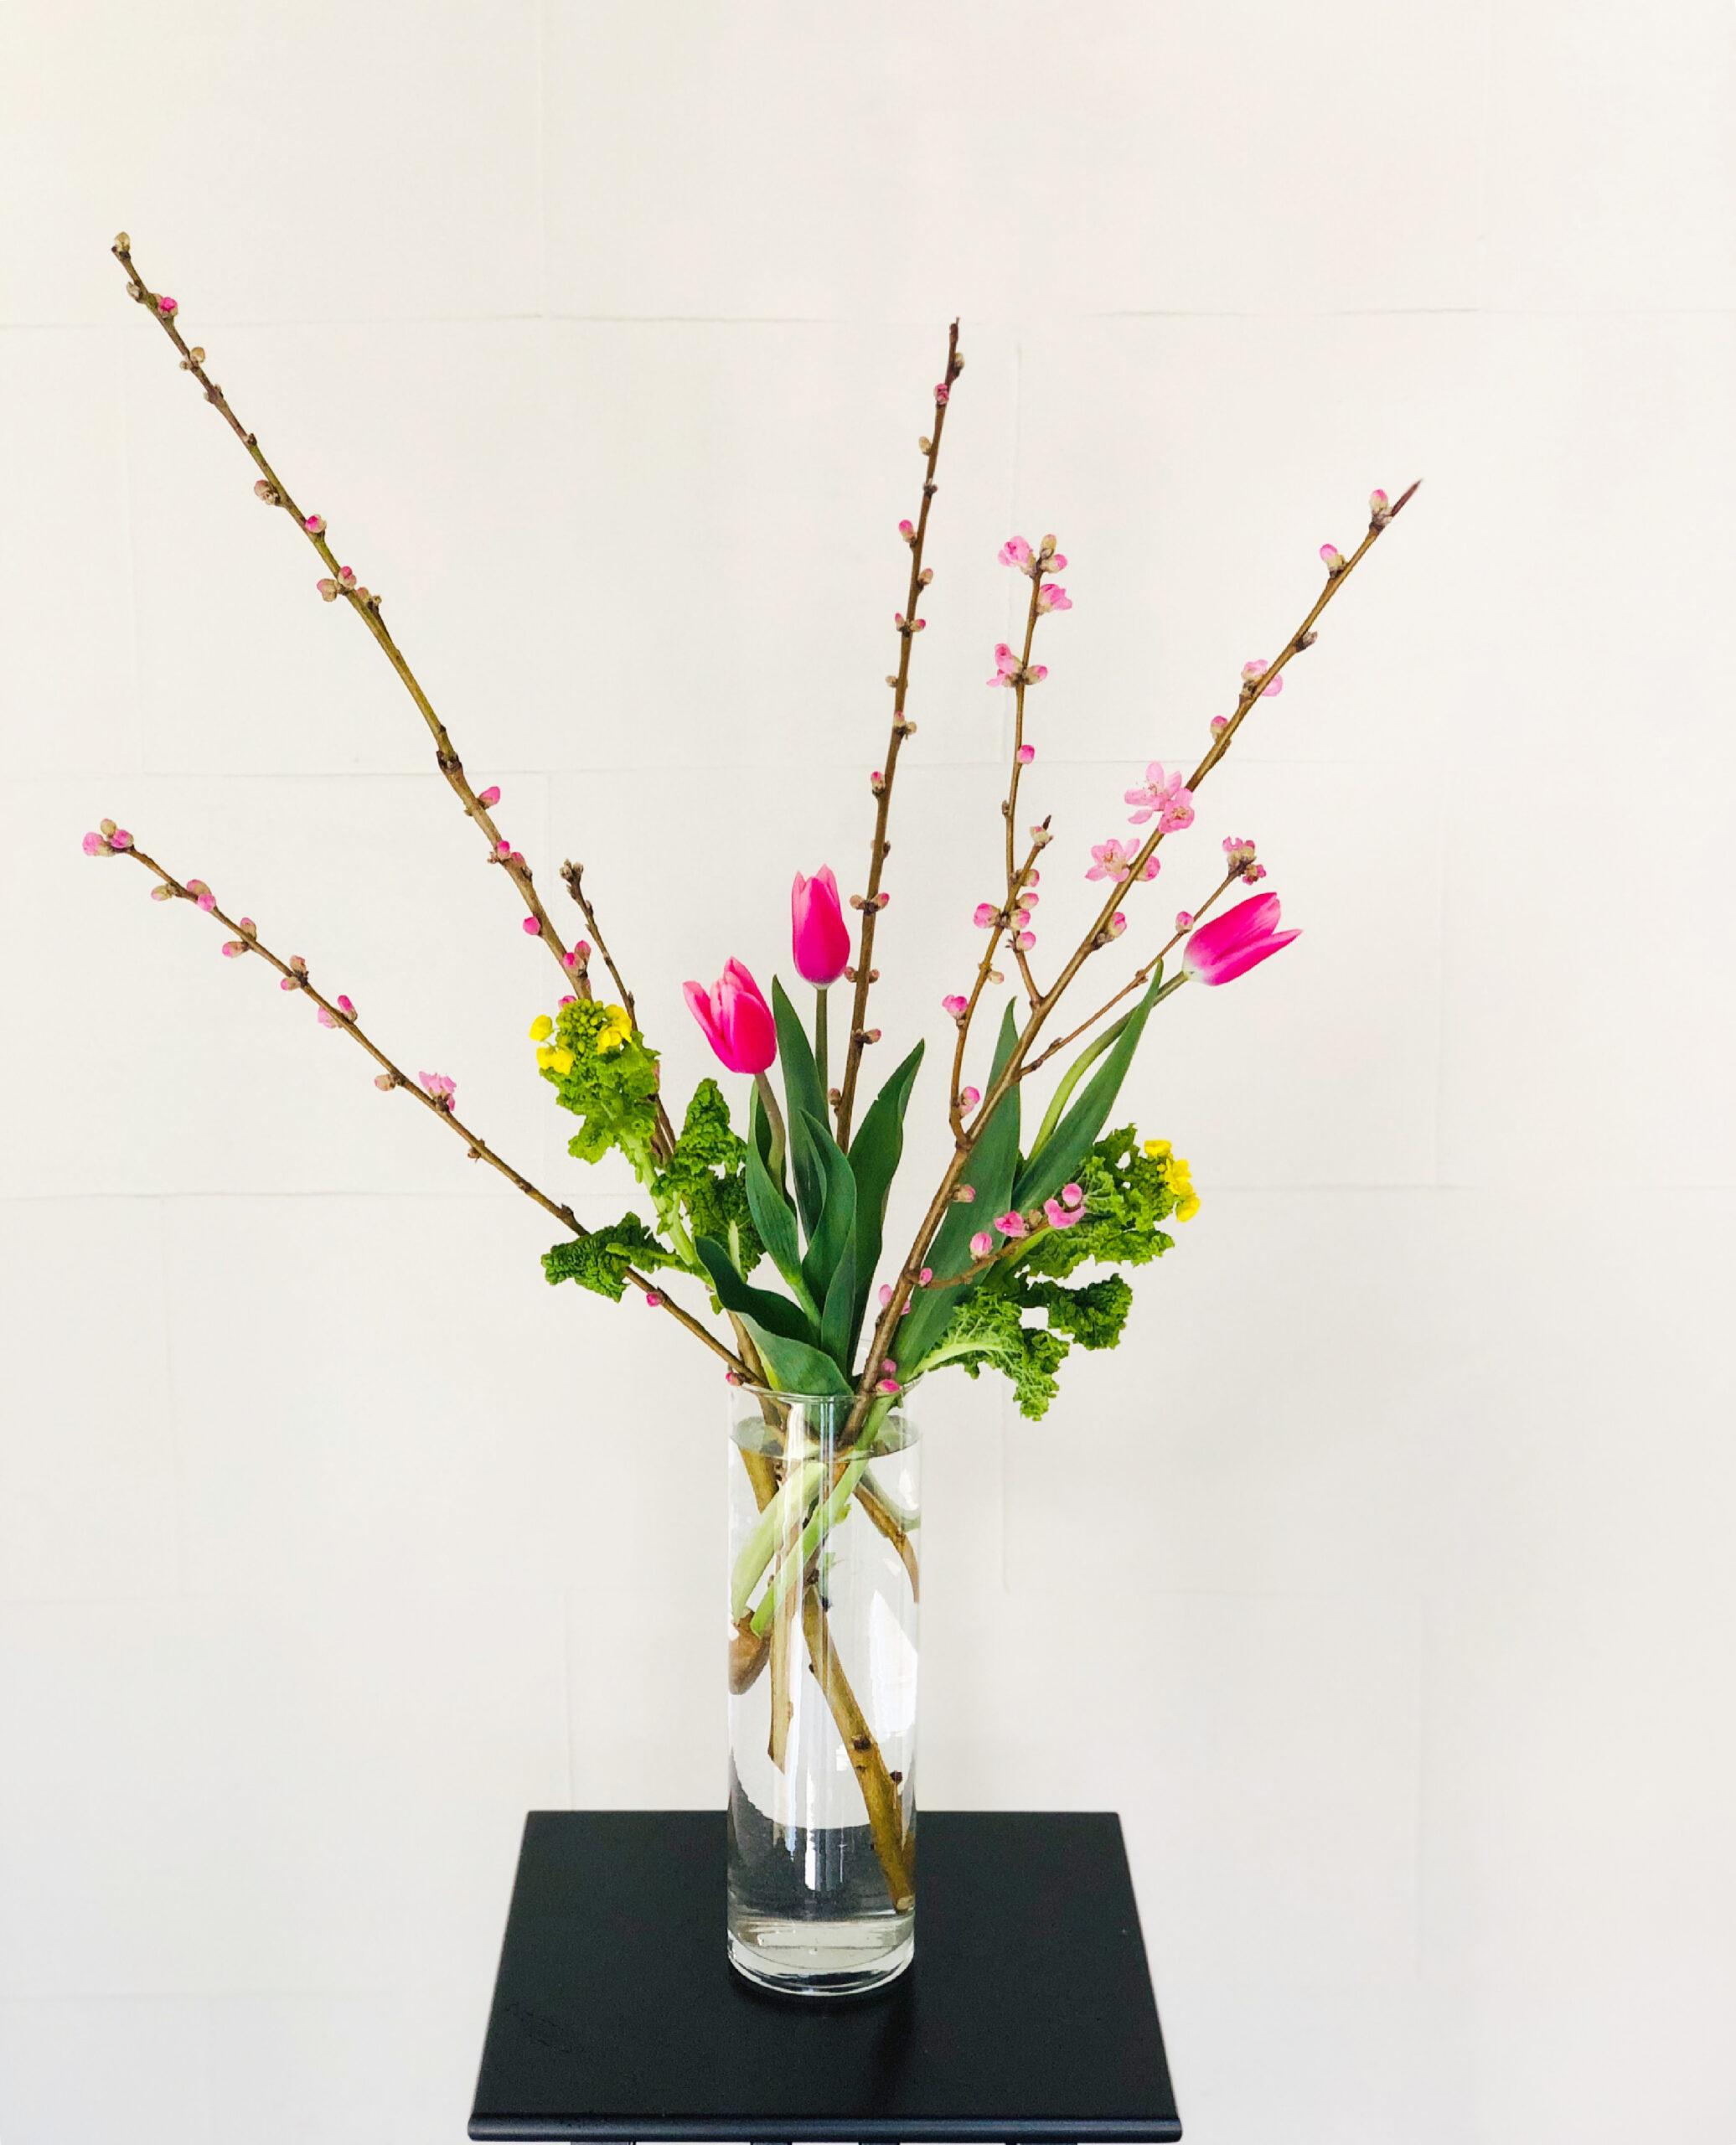 桃の花と菜の花、チューリップ